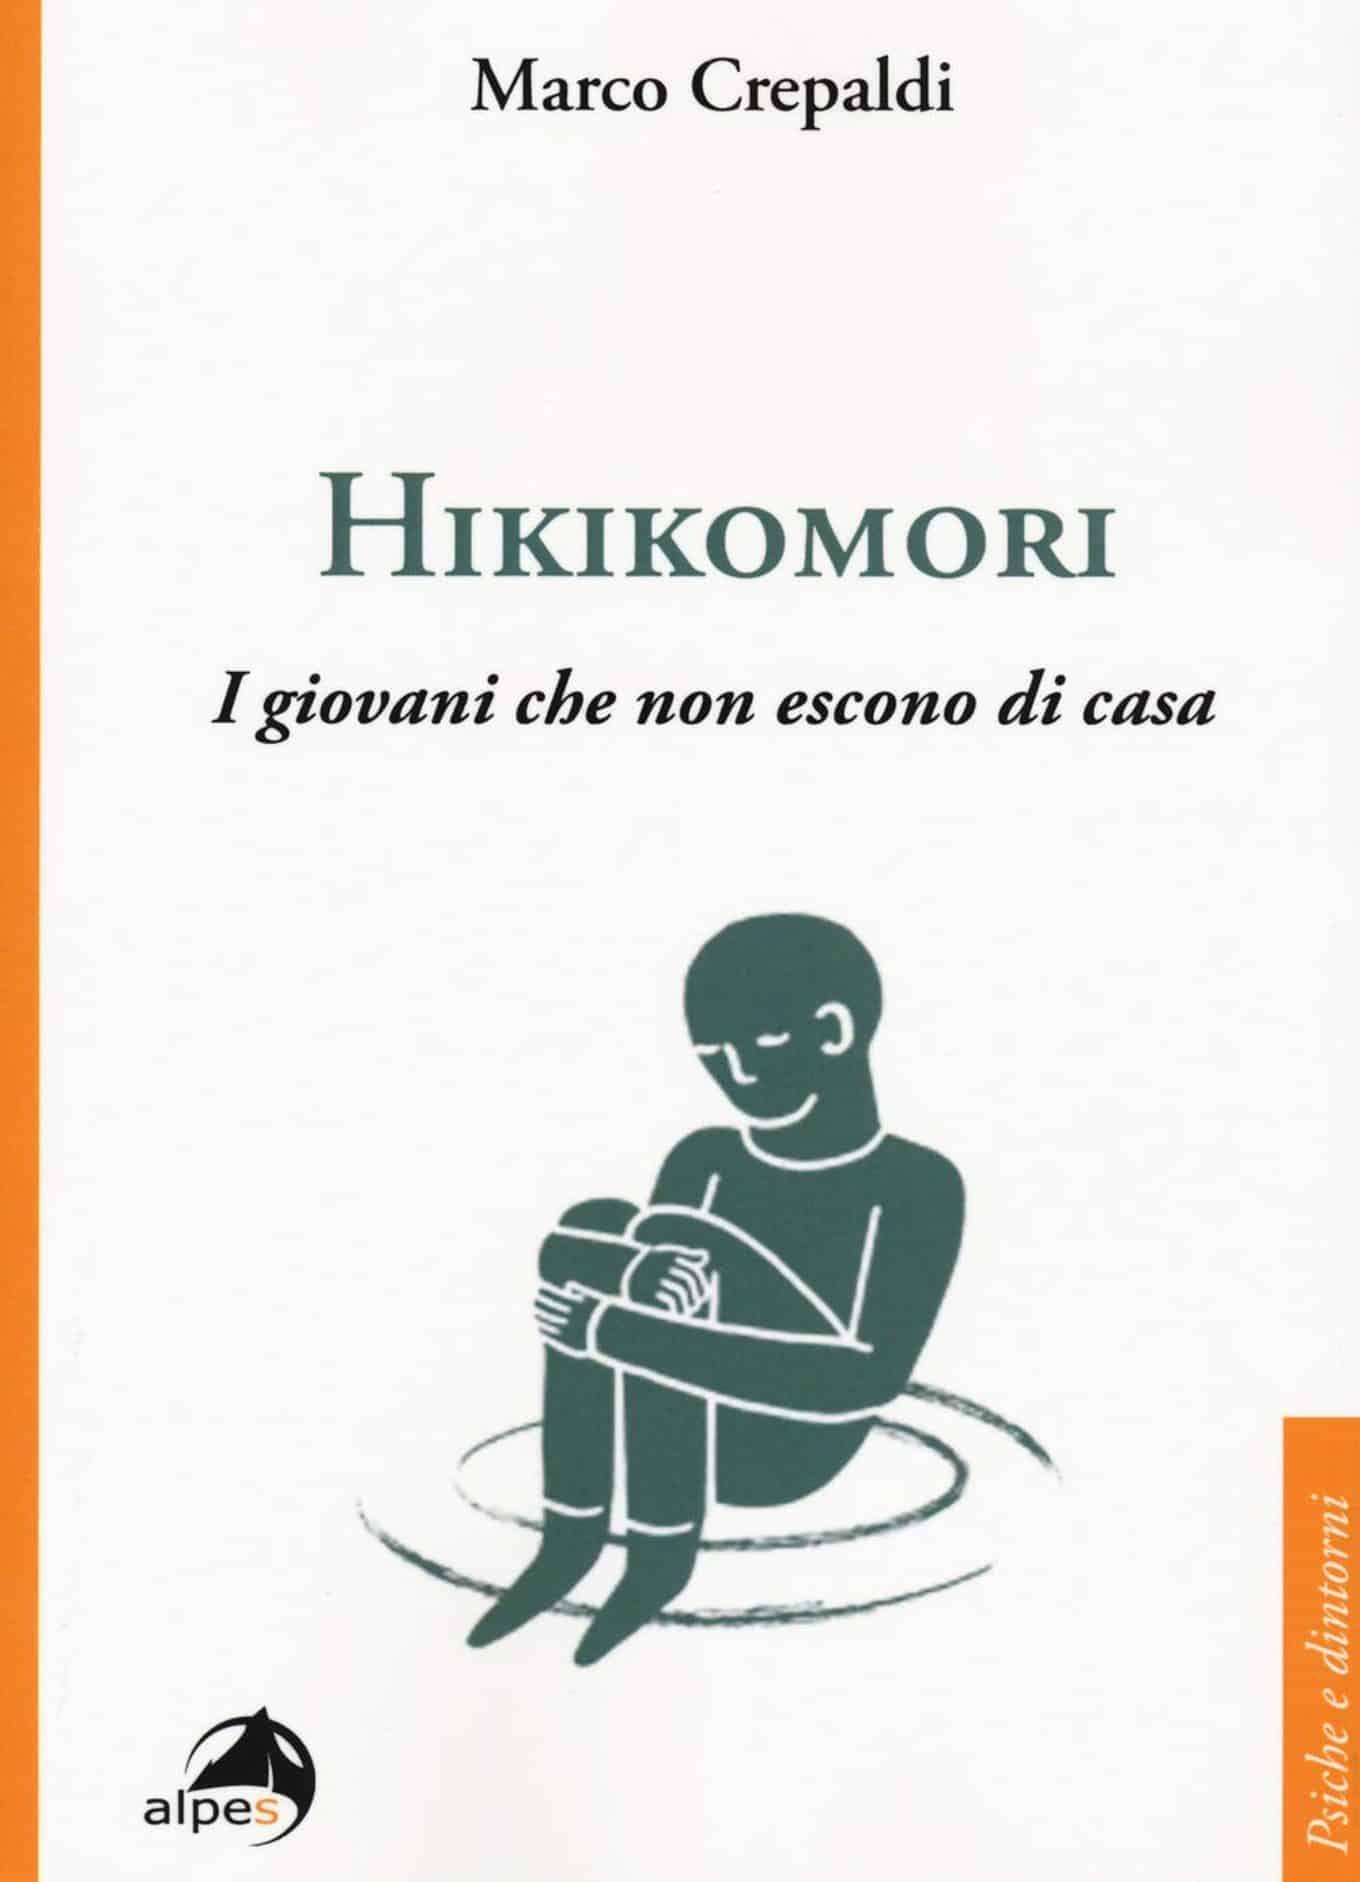 Hikikomori. I giovani che non escono di casa (2019) di Marco Crepaldi – Recensione del libro